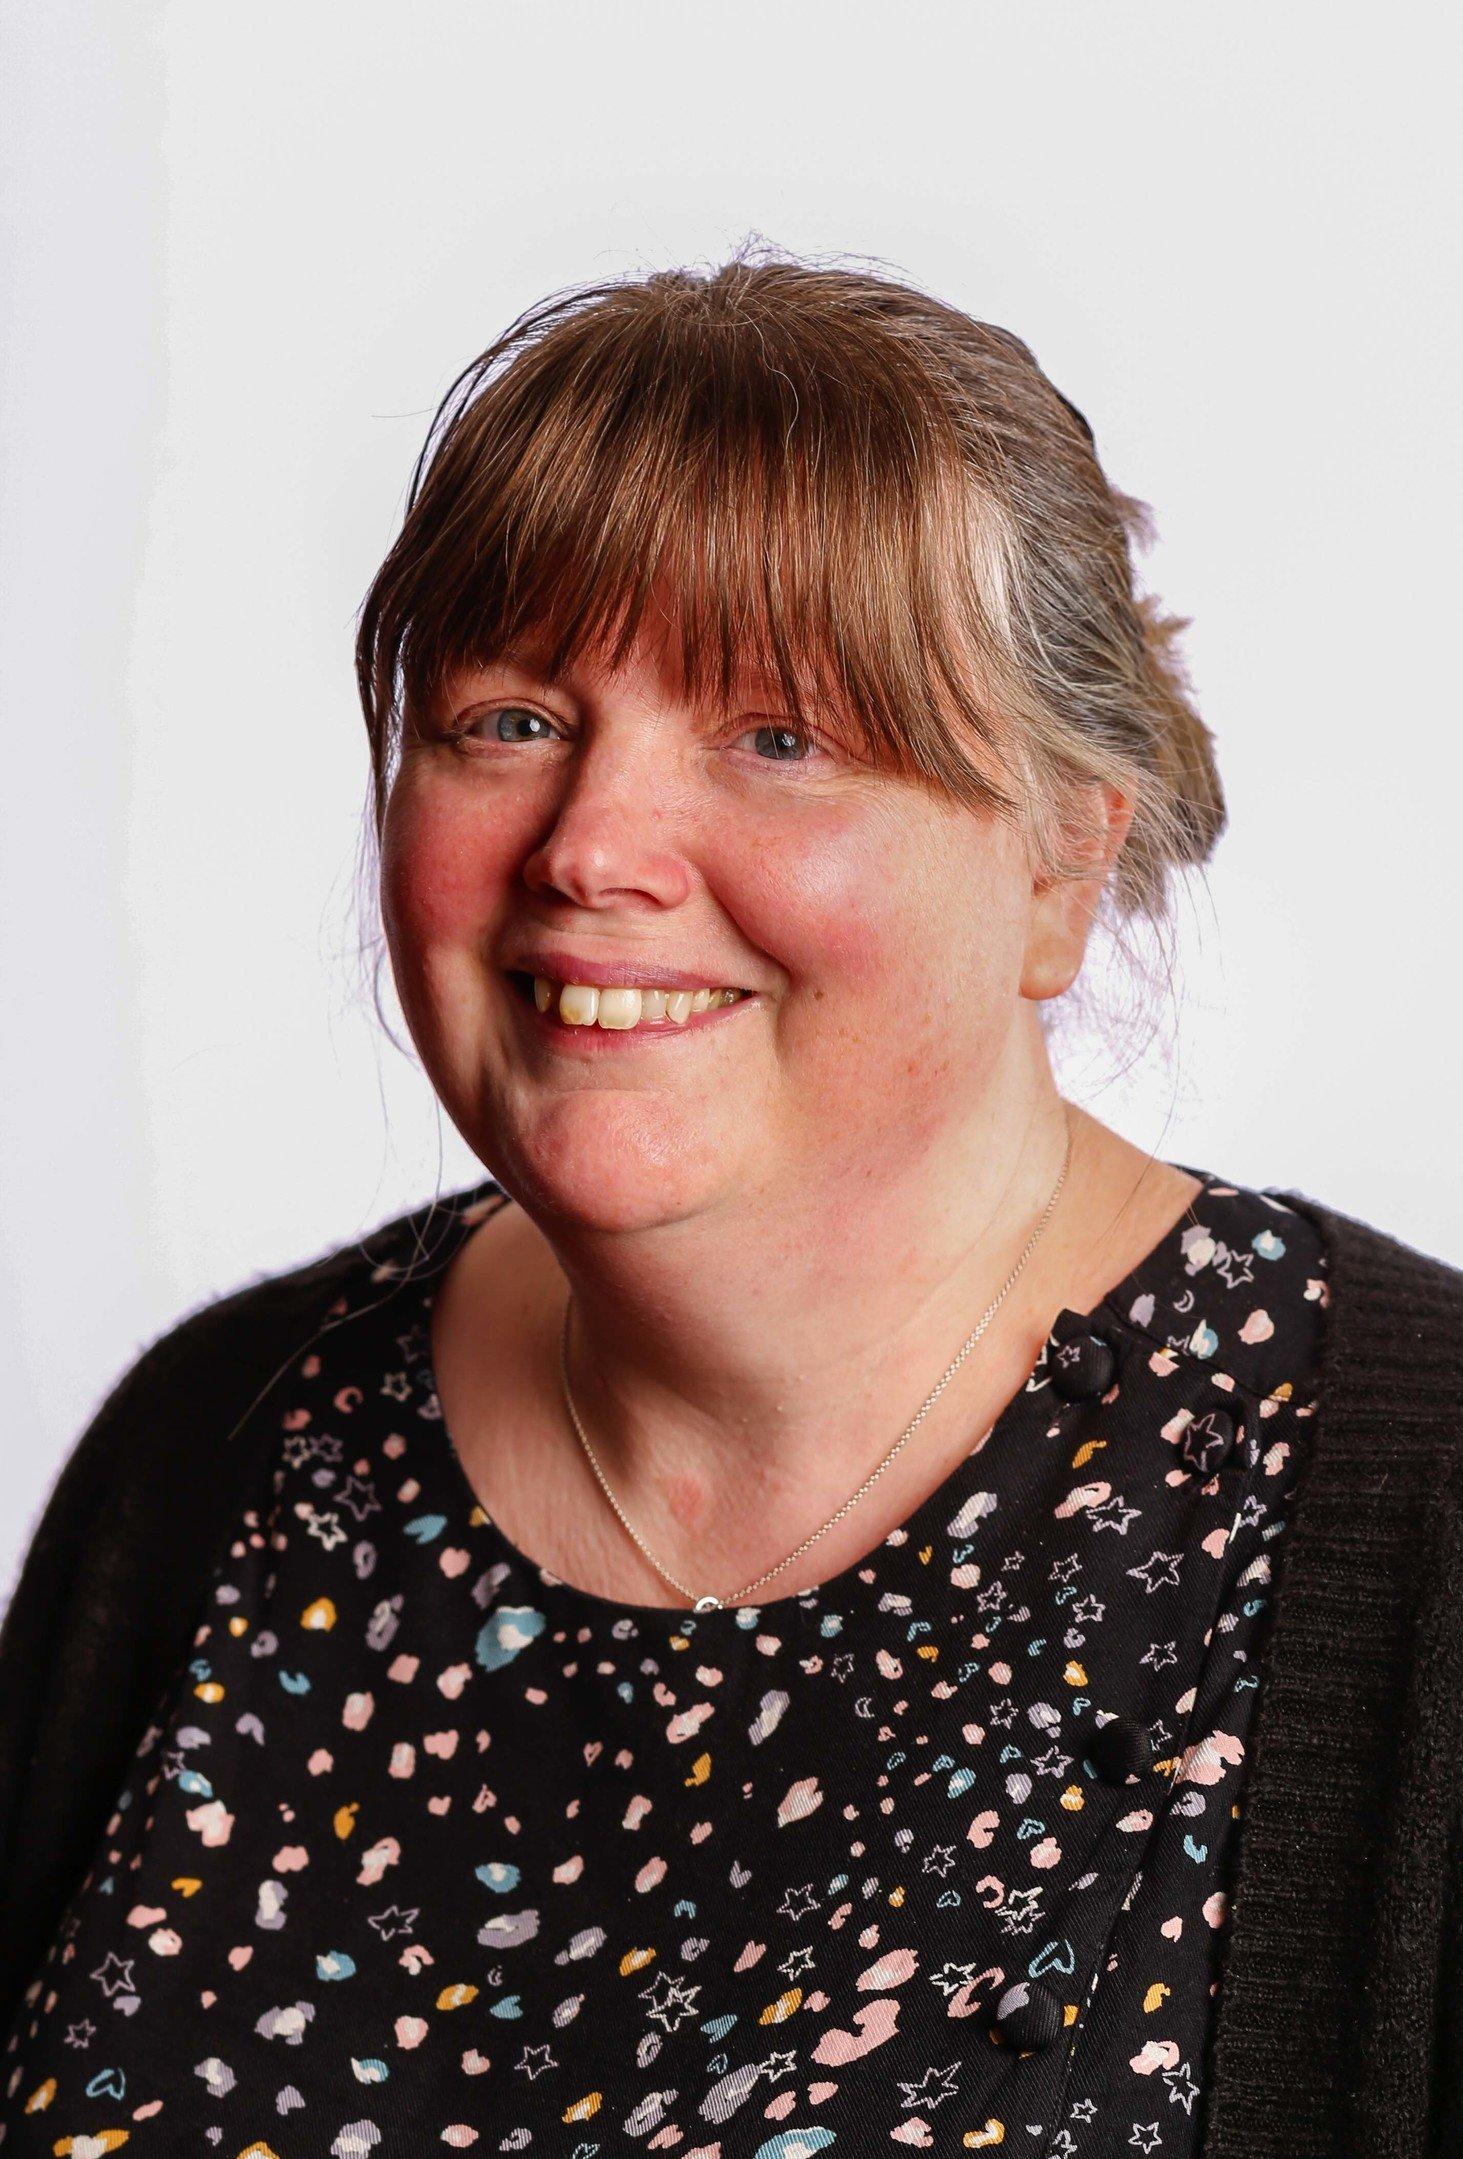 Catherine Milner